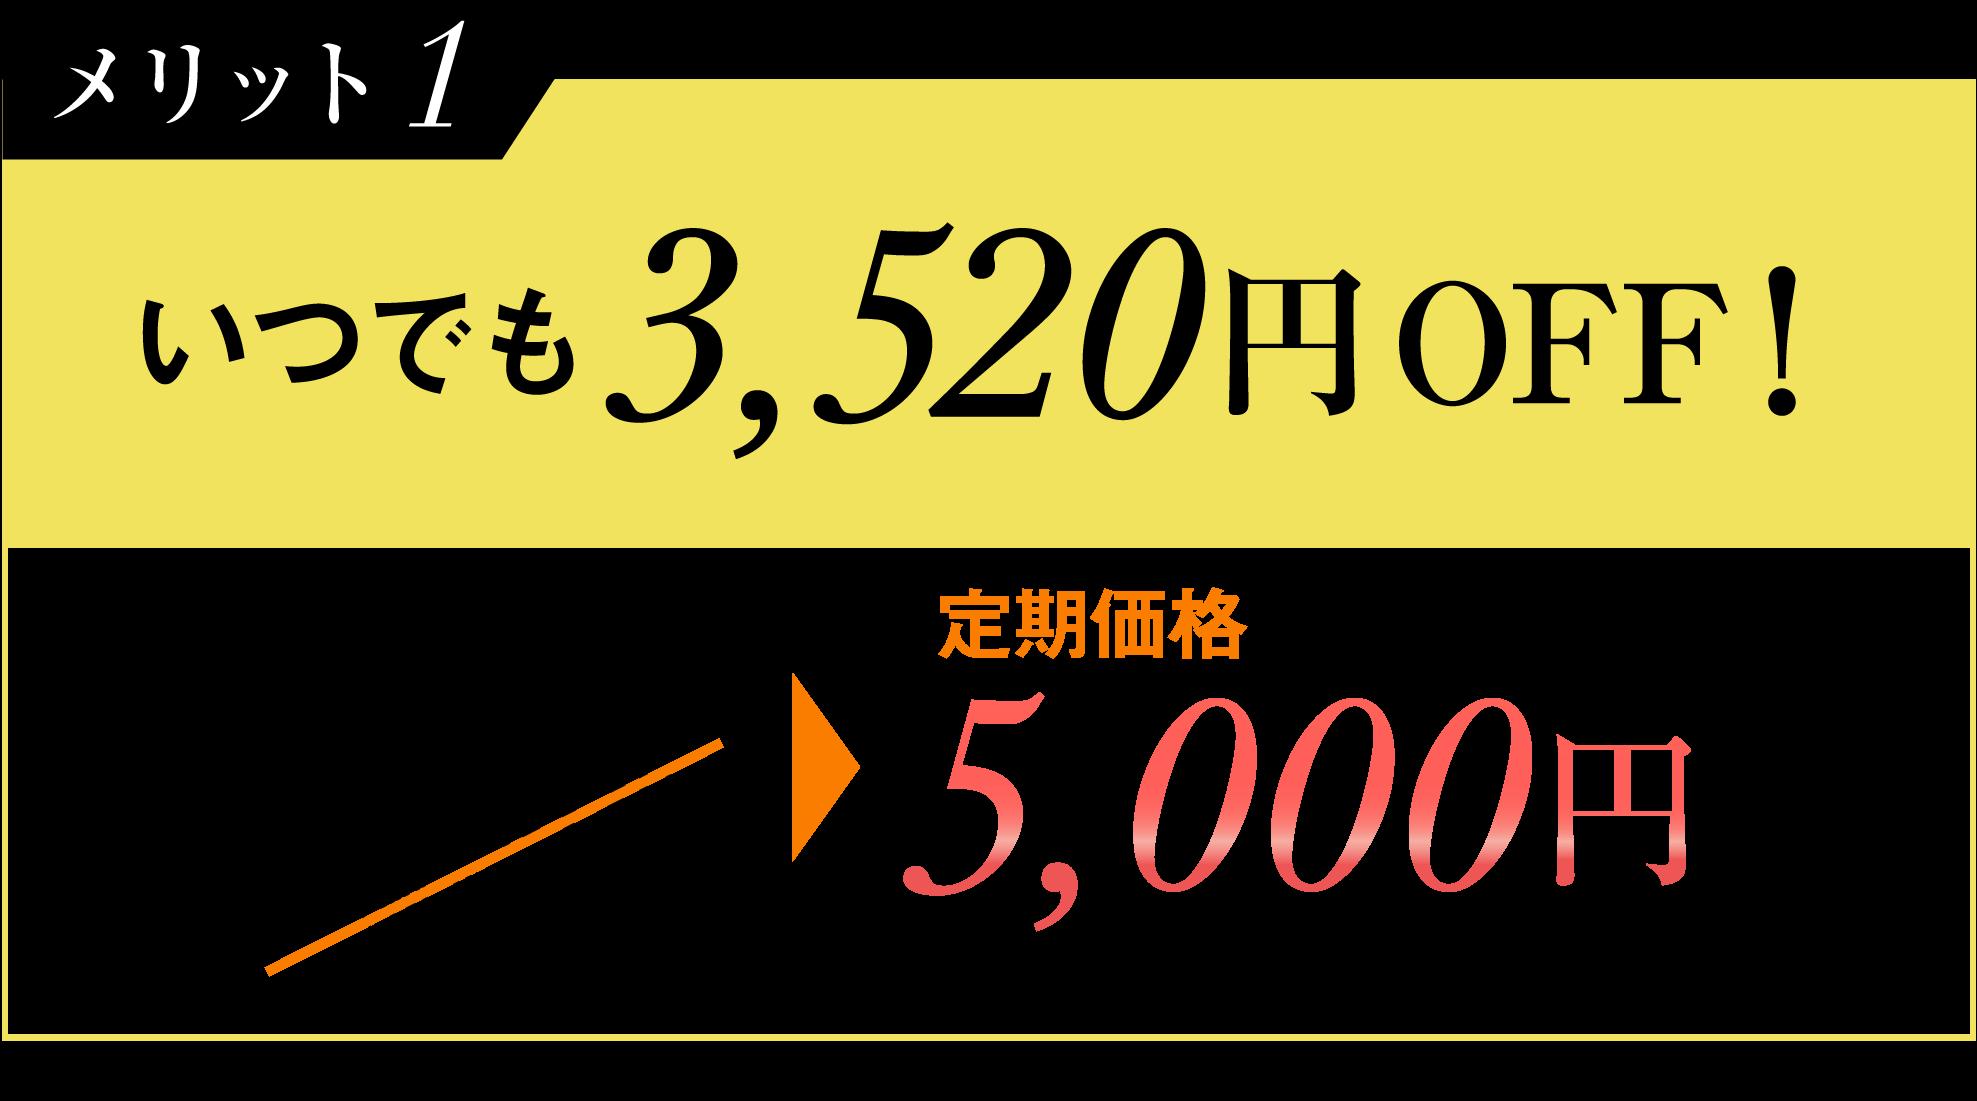 メリット1 いつでも3,520円OFF!通常価格8,200円(税込9,020円)定期価格5,000円(税込5,500円)